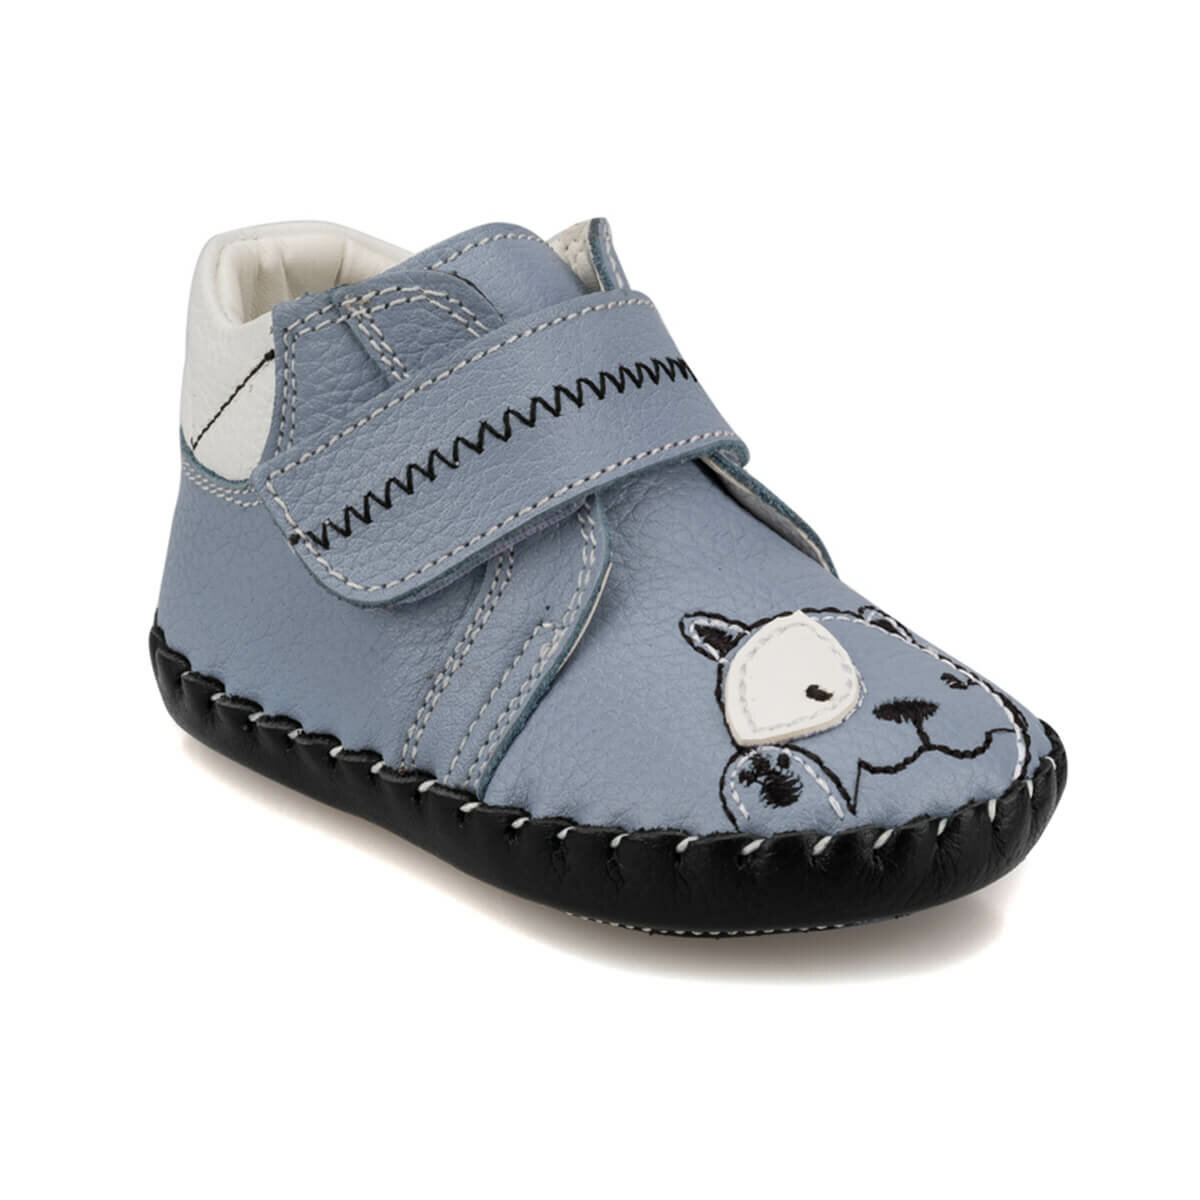 FLO 92.511702.I Turquoise Male Child Sports Shoes Polaris